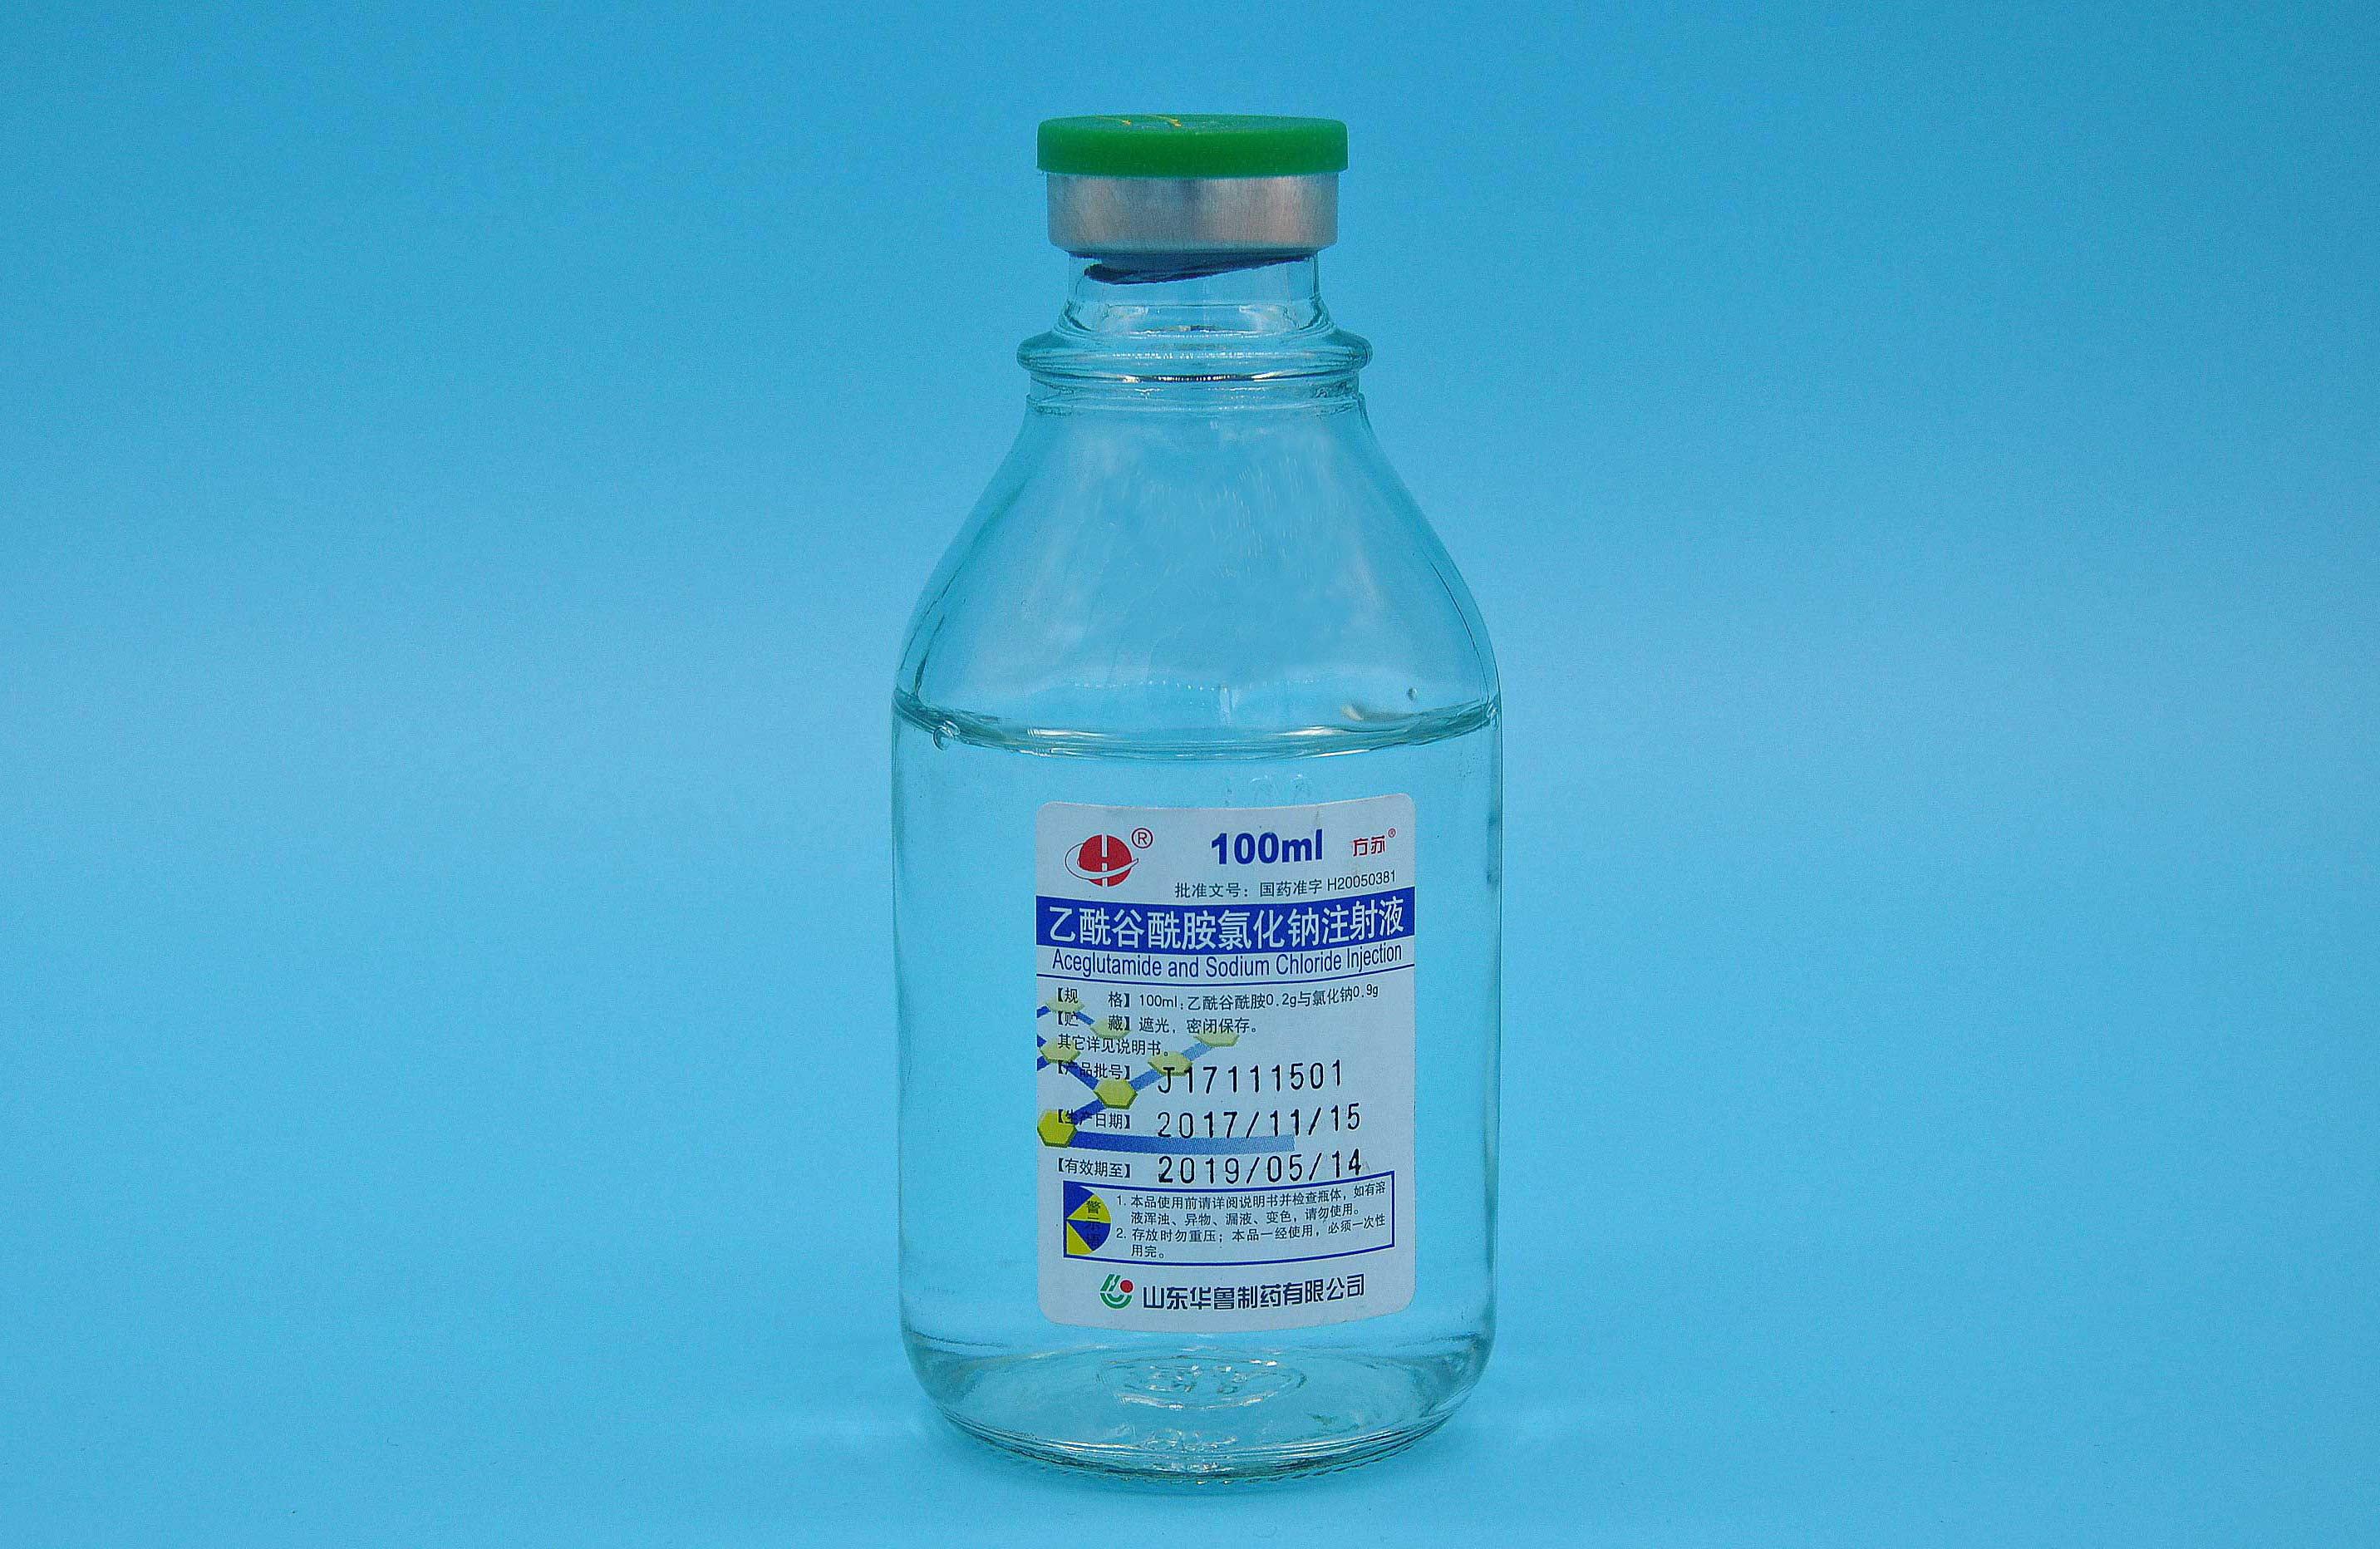 乙酰谷酰胺氯化钠注射液